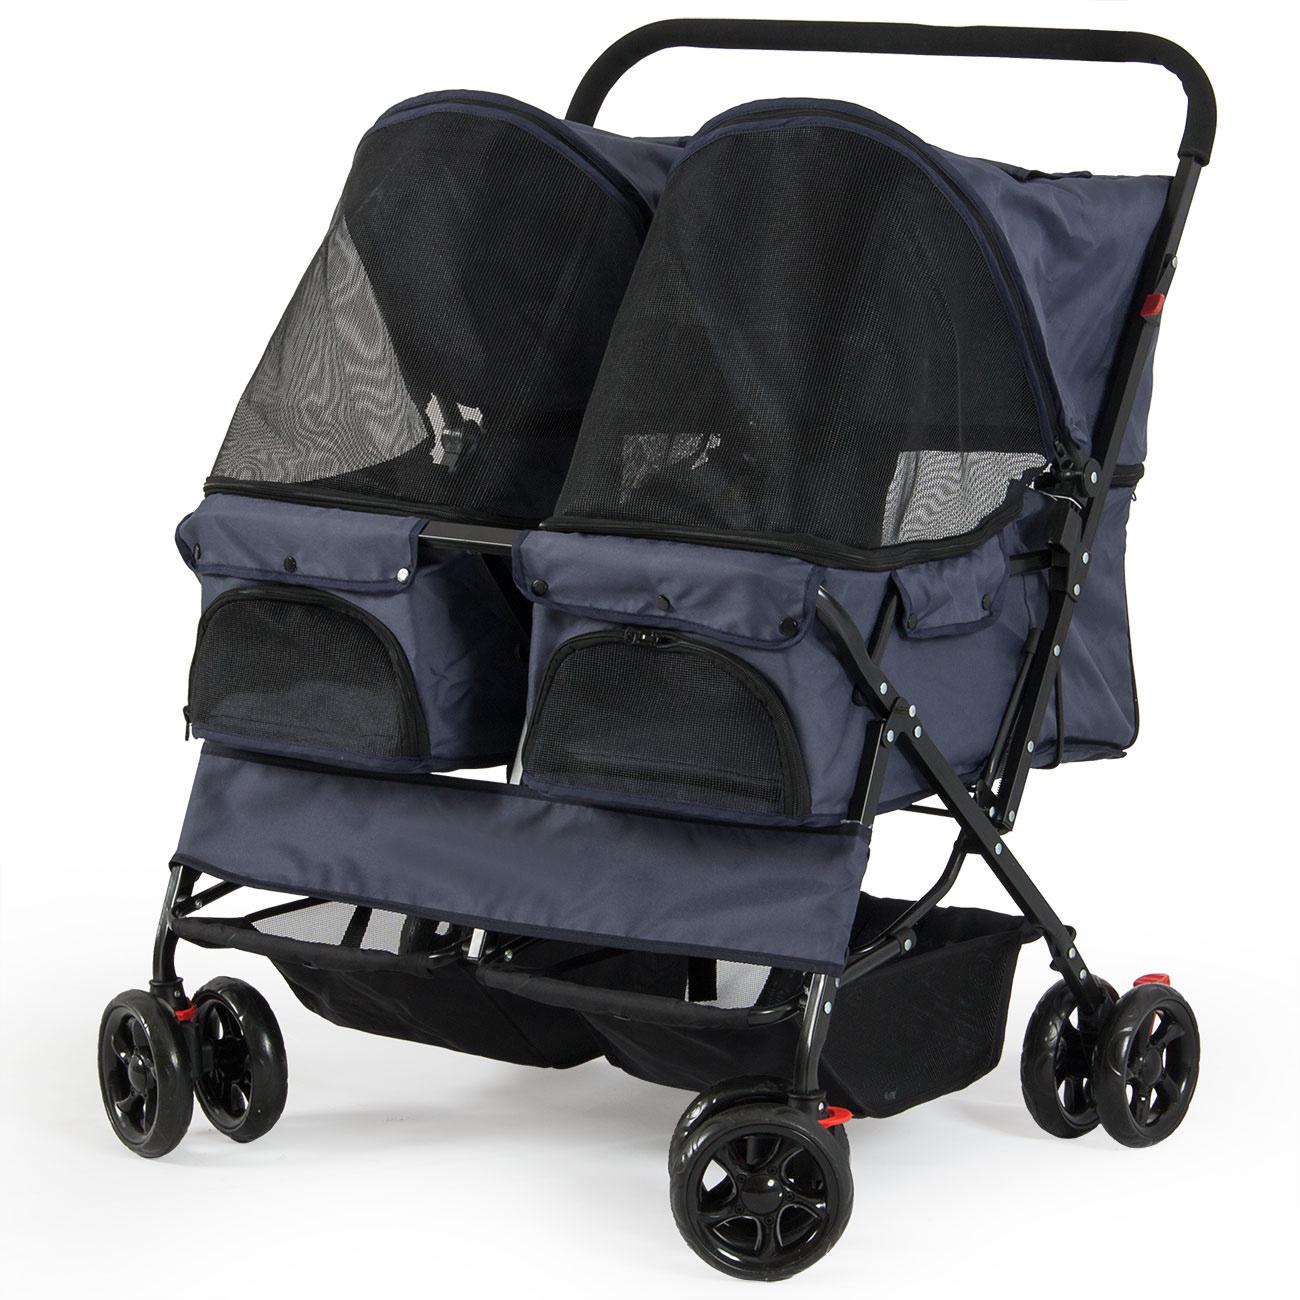 Twin Pet Stroller Easy Folding Carrier, Side-by-Side ...